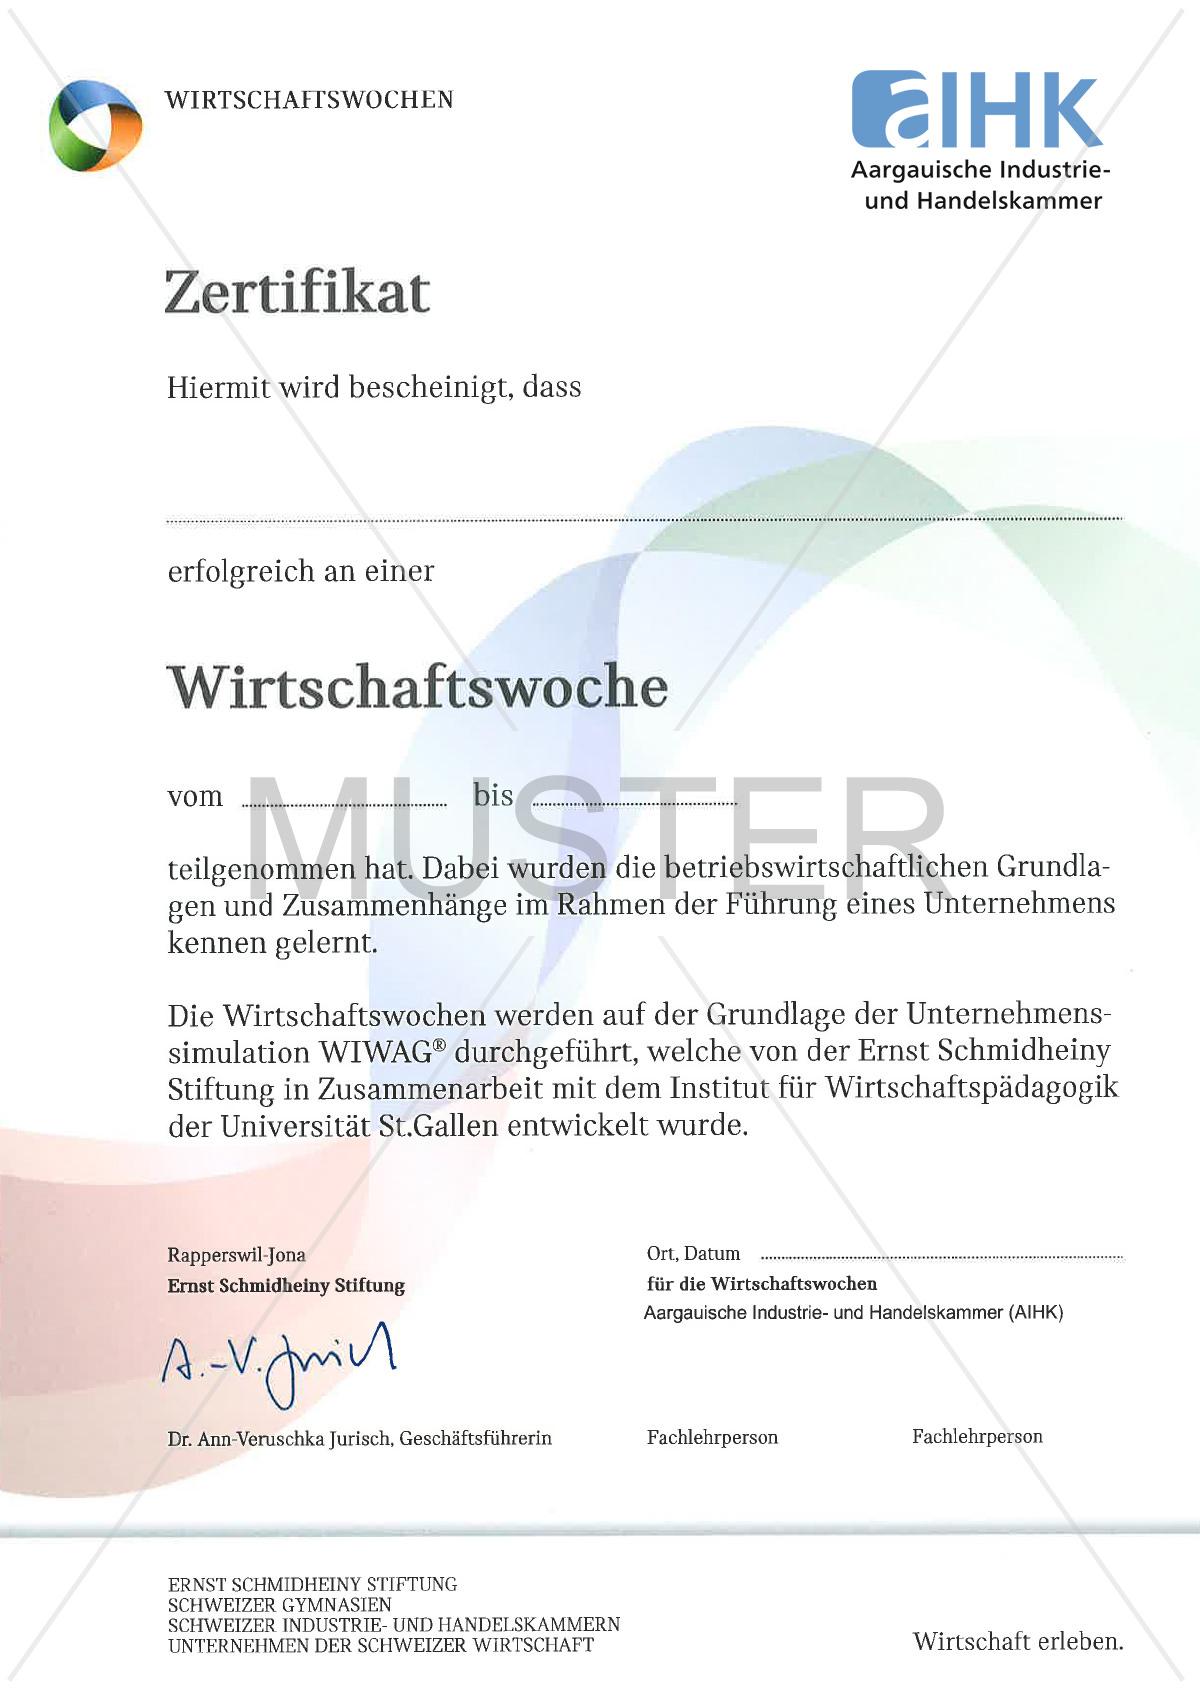 Groß Teilnahmezertifikat Format Ideen - Bilder für das Lebenslauf ...